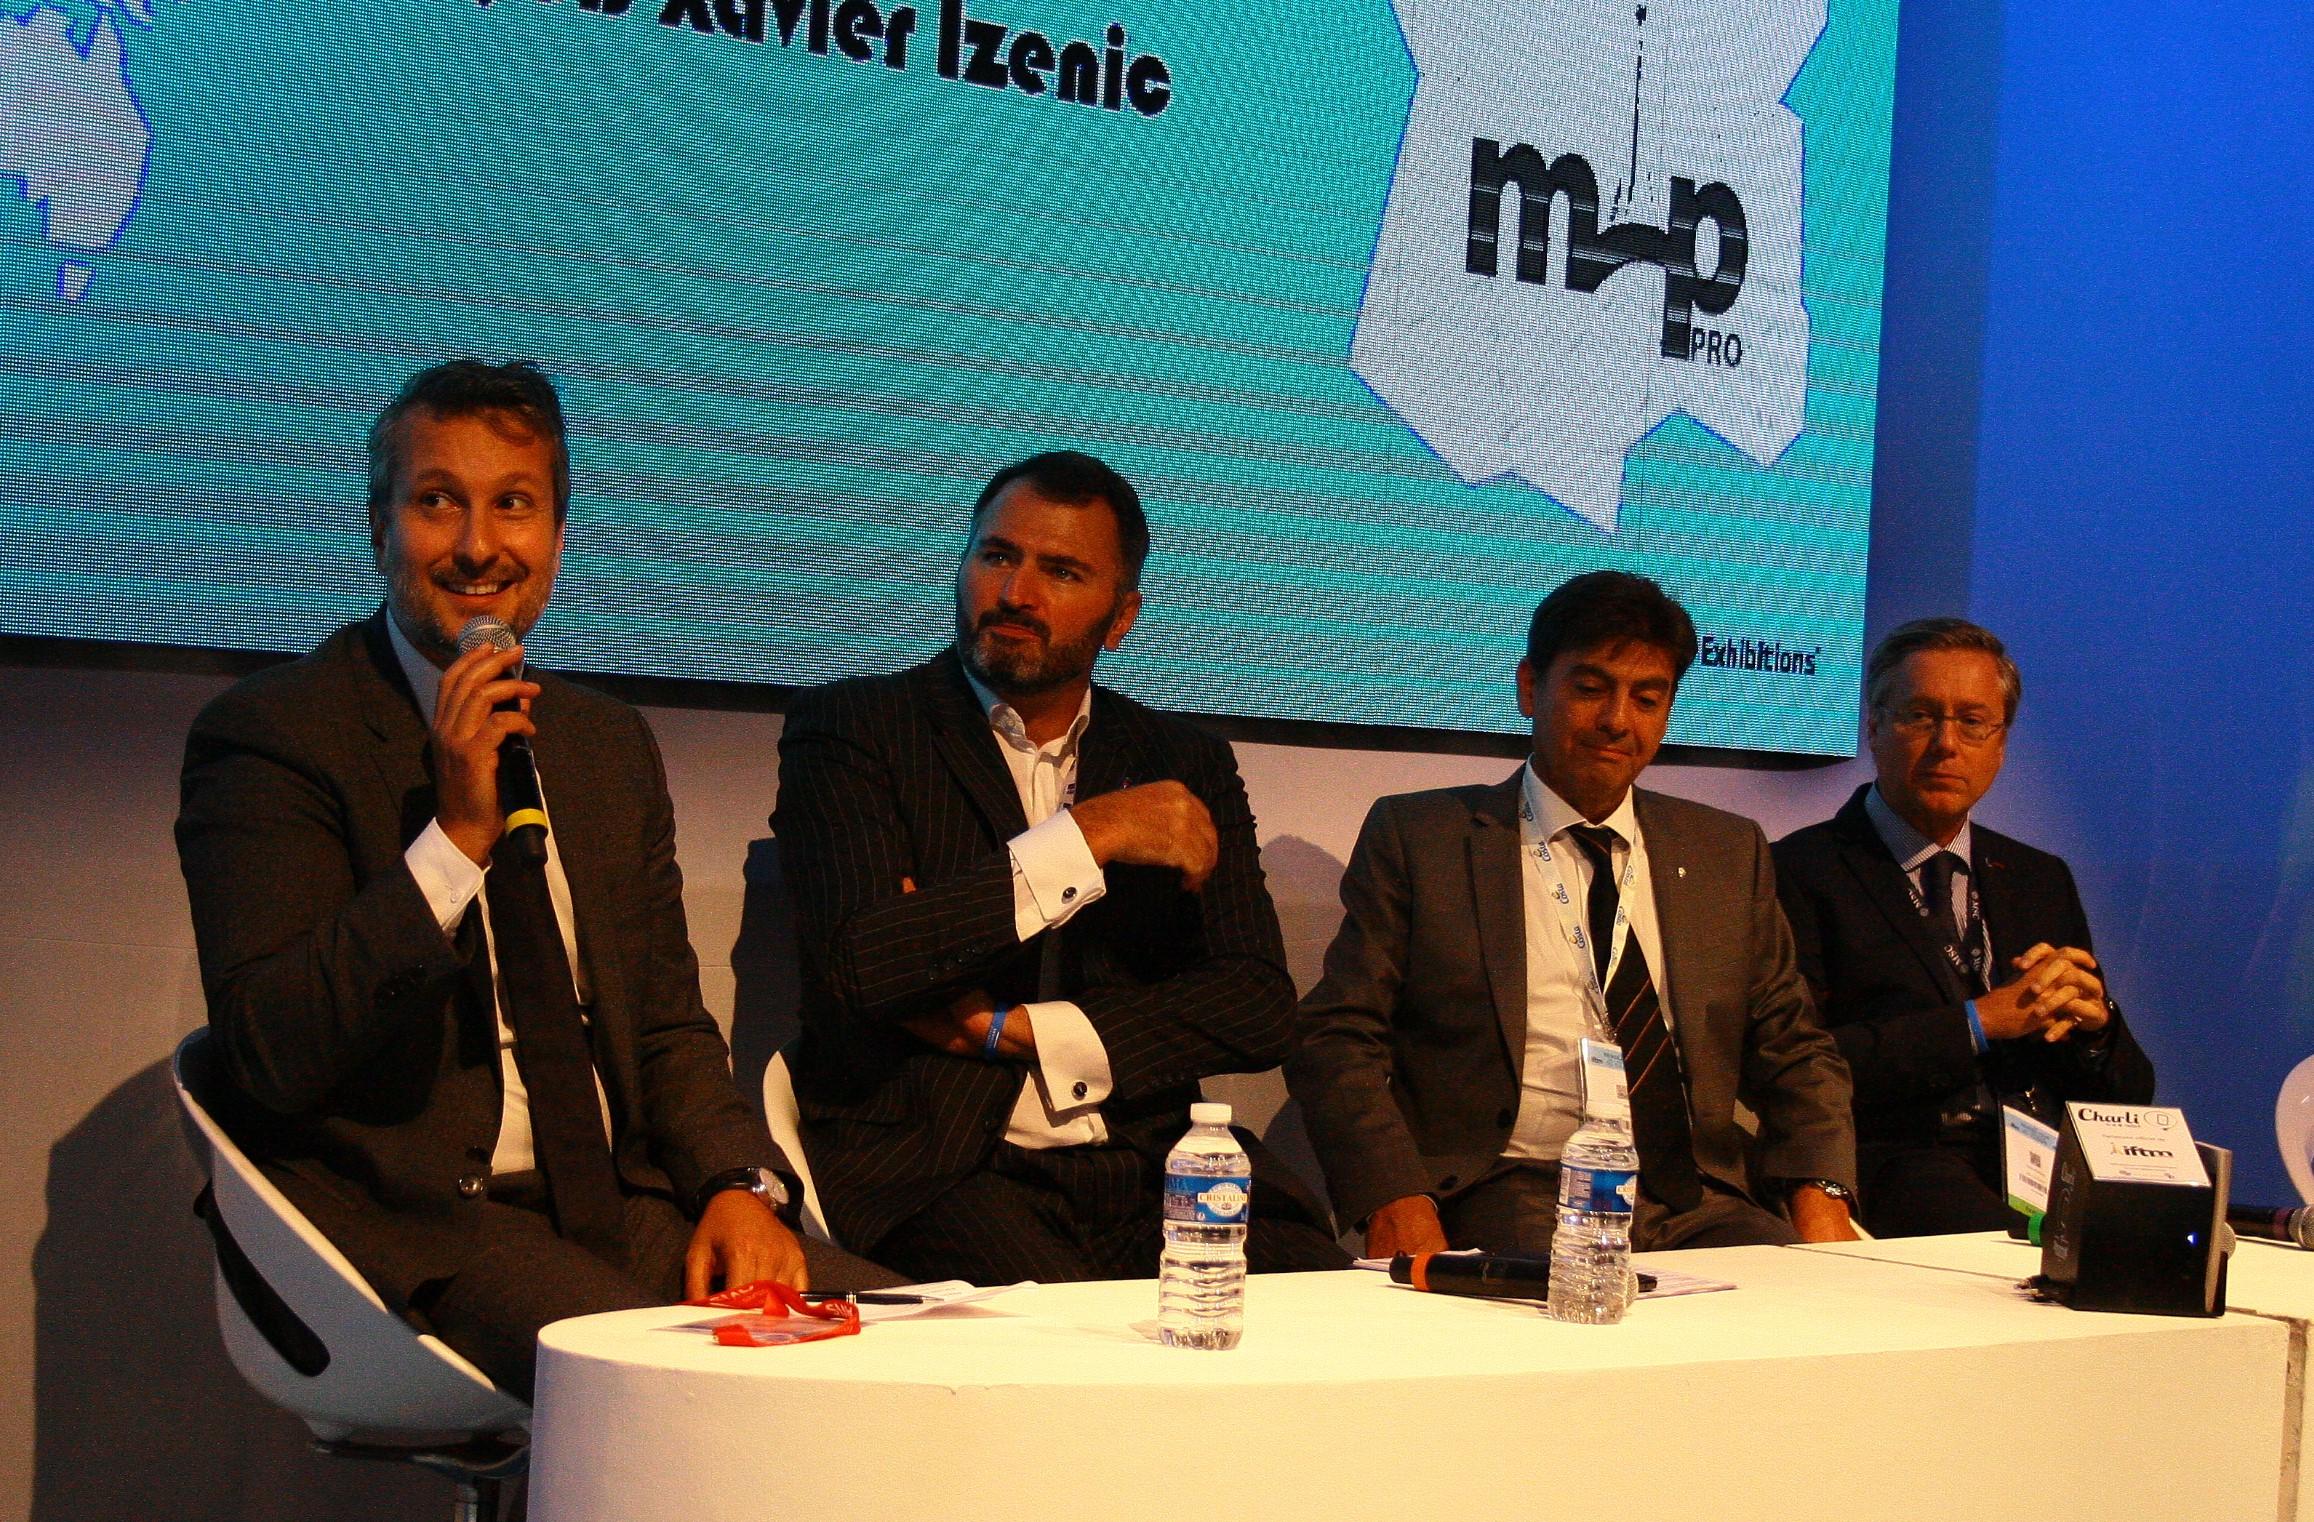 De gauche à droite : Hervé Bellaïche, DGA du Ponant, Antoine Lacarrière, DG Croisières de France, Georges Azouze, PDG Costa Croisières France et Patrick Pourbaix, DG MSC Croisières France - DR : H.L.